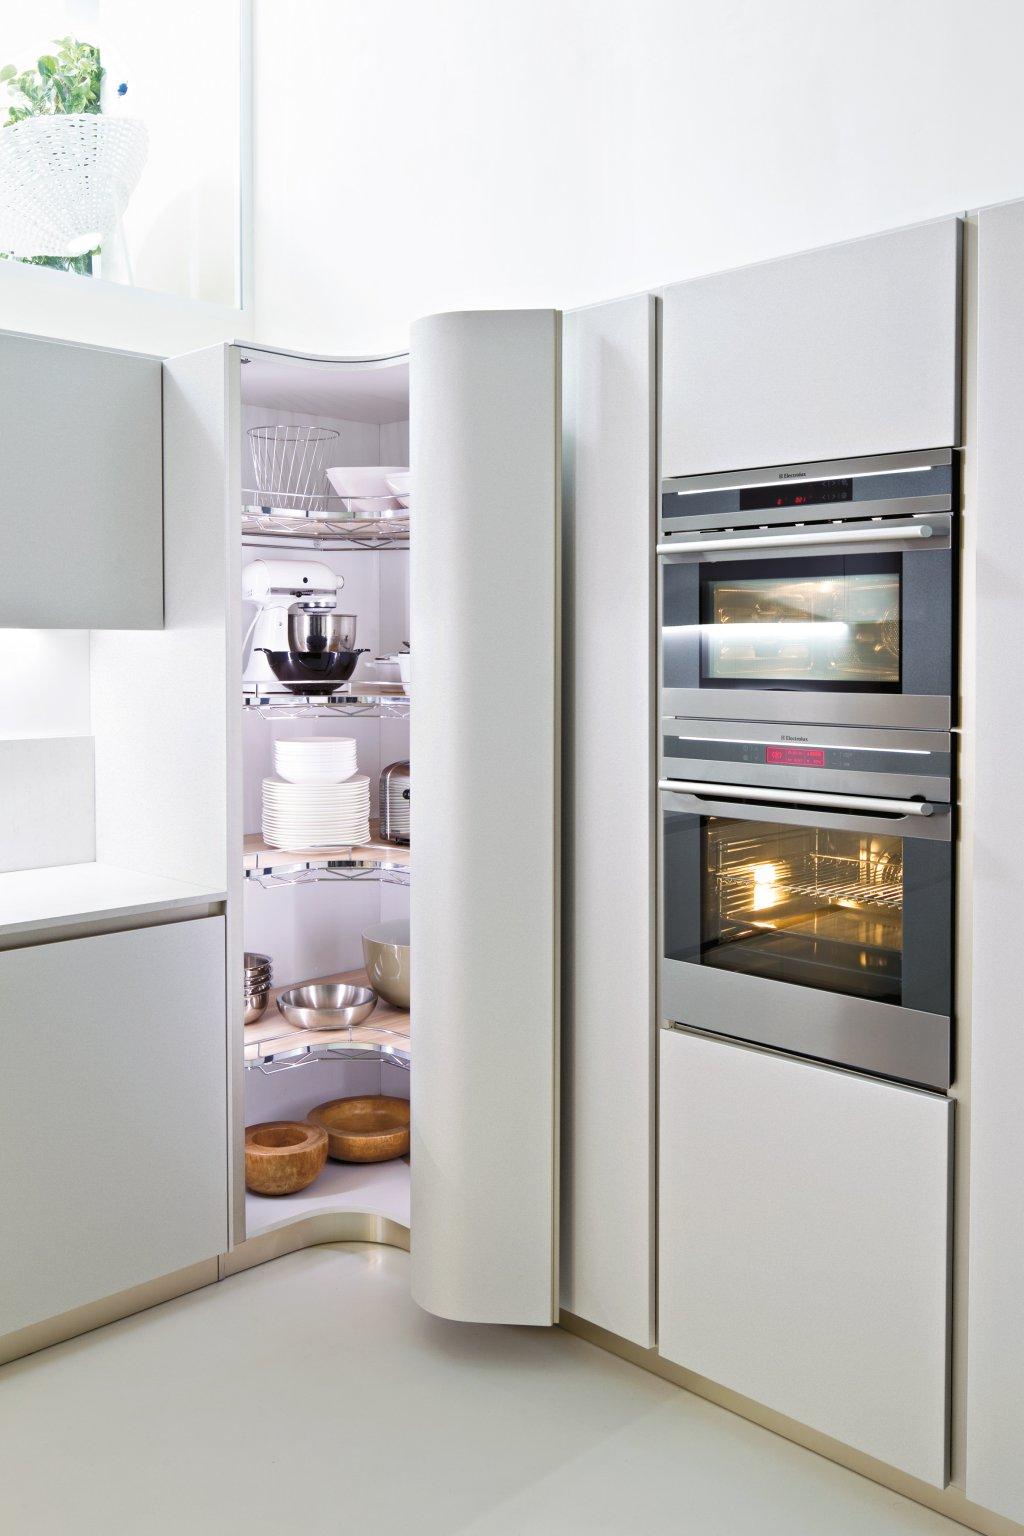 Современные модели помогут создать кухонный интерьер с плавными и аккуратными линиями